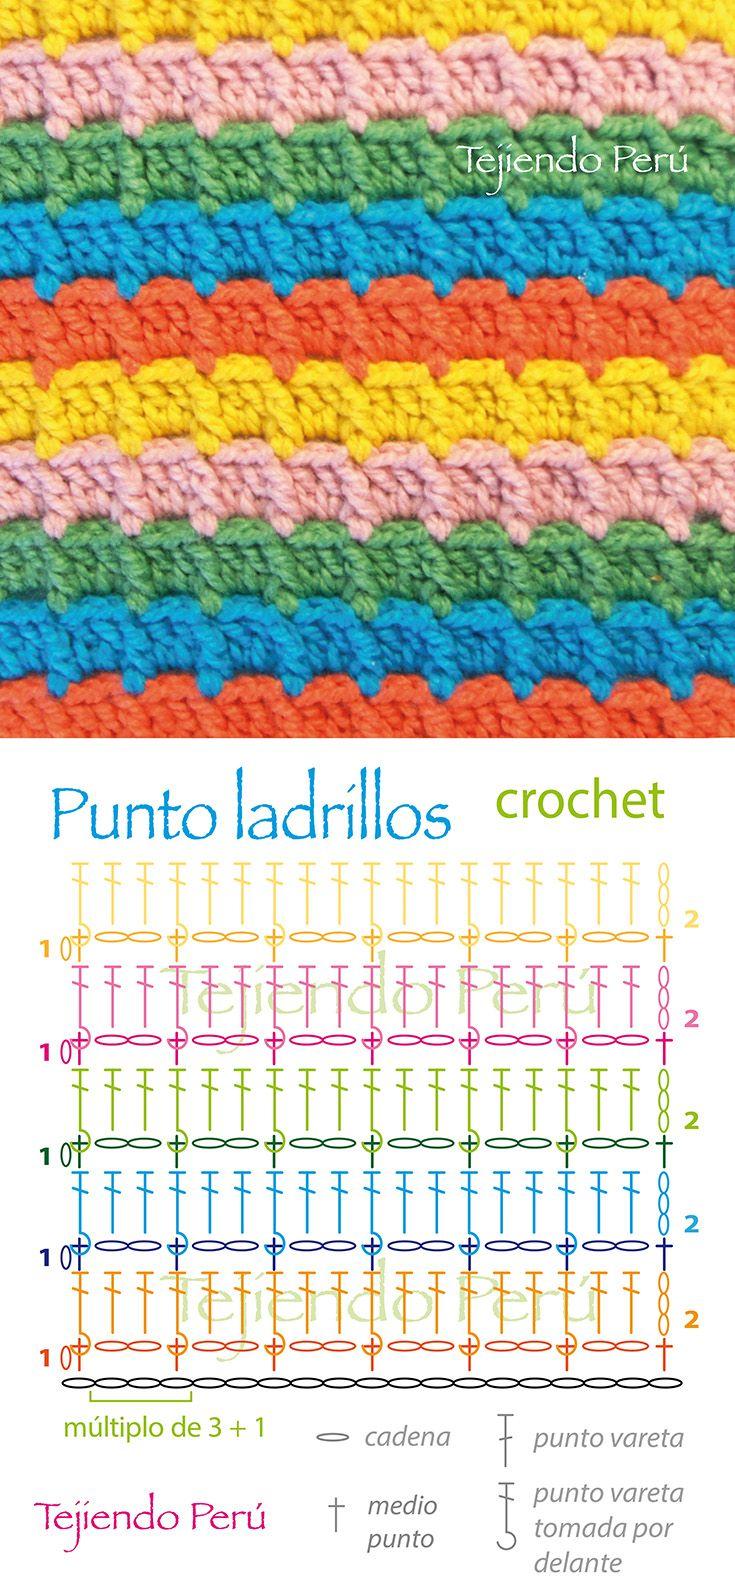 Crochet: punto ladrillos (diagrama o patrón) Pusimos el enlace al ...